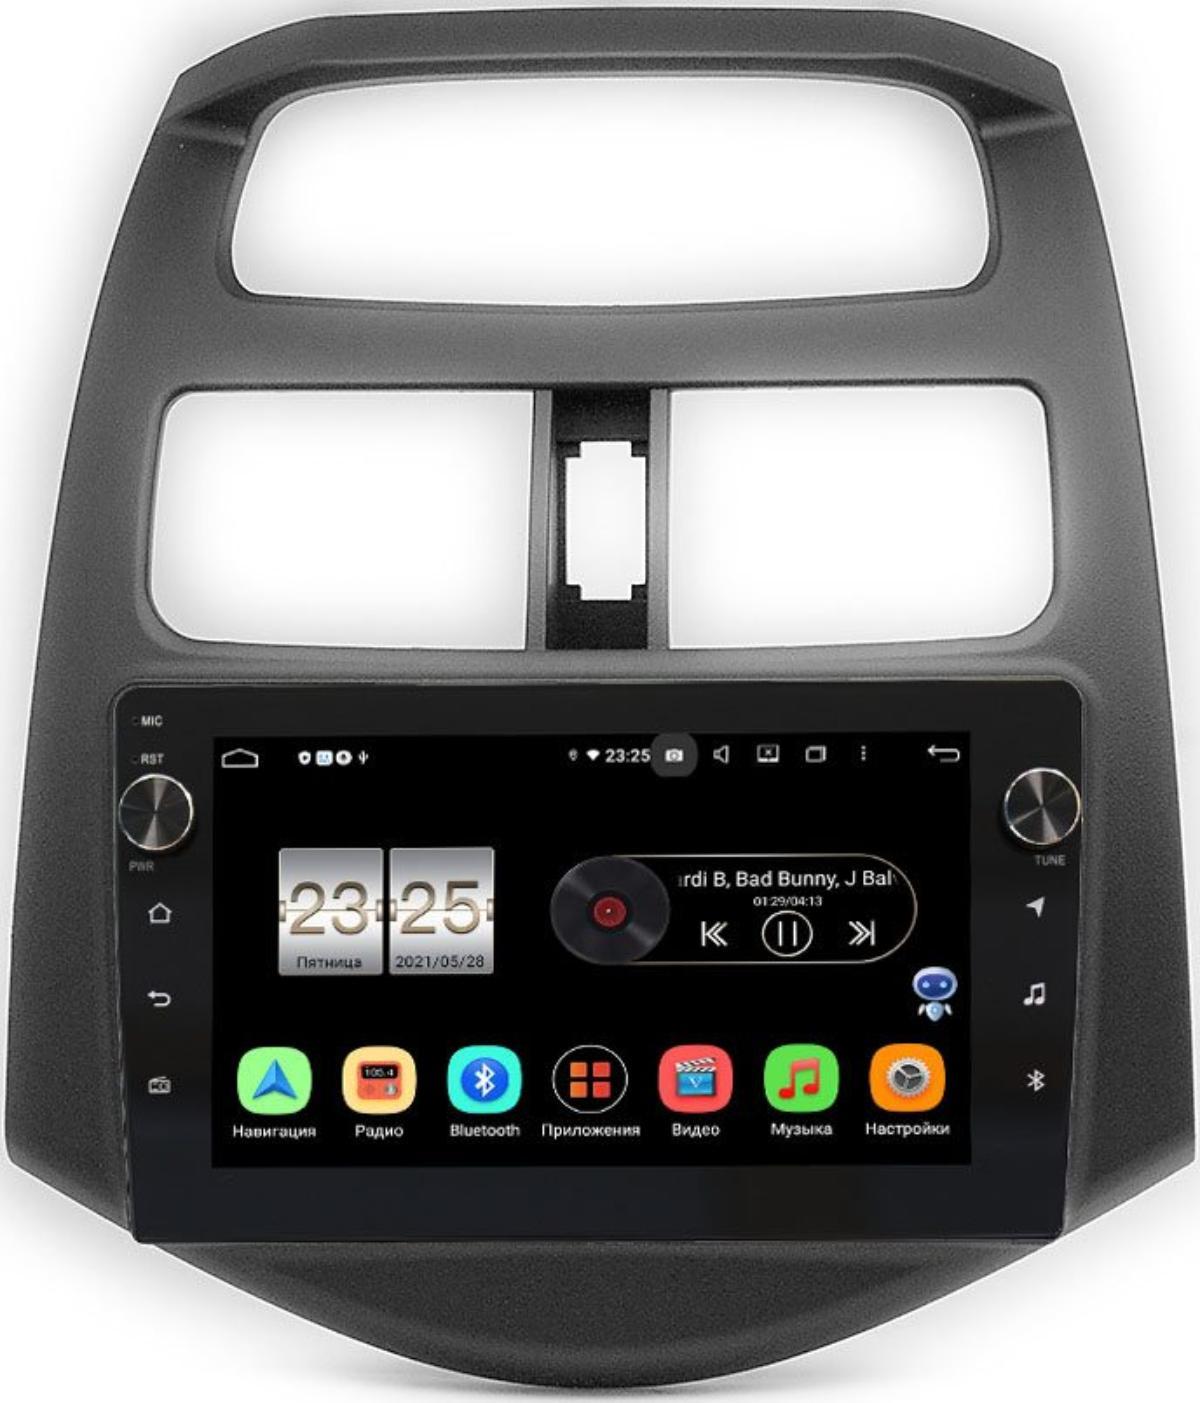 Штатная магнитола Daewoo Matiz Creative (M300) 2009-2011 (матовая) LeTrun BPX609-180 на Android 10 (4/64, DSP, IPS, с голосовым ассистентом, с крутилками) (+ Камера заднего вида в подарок!)